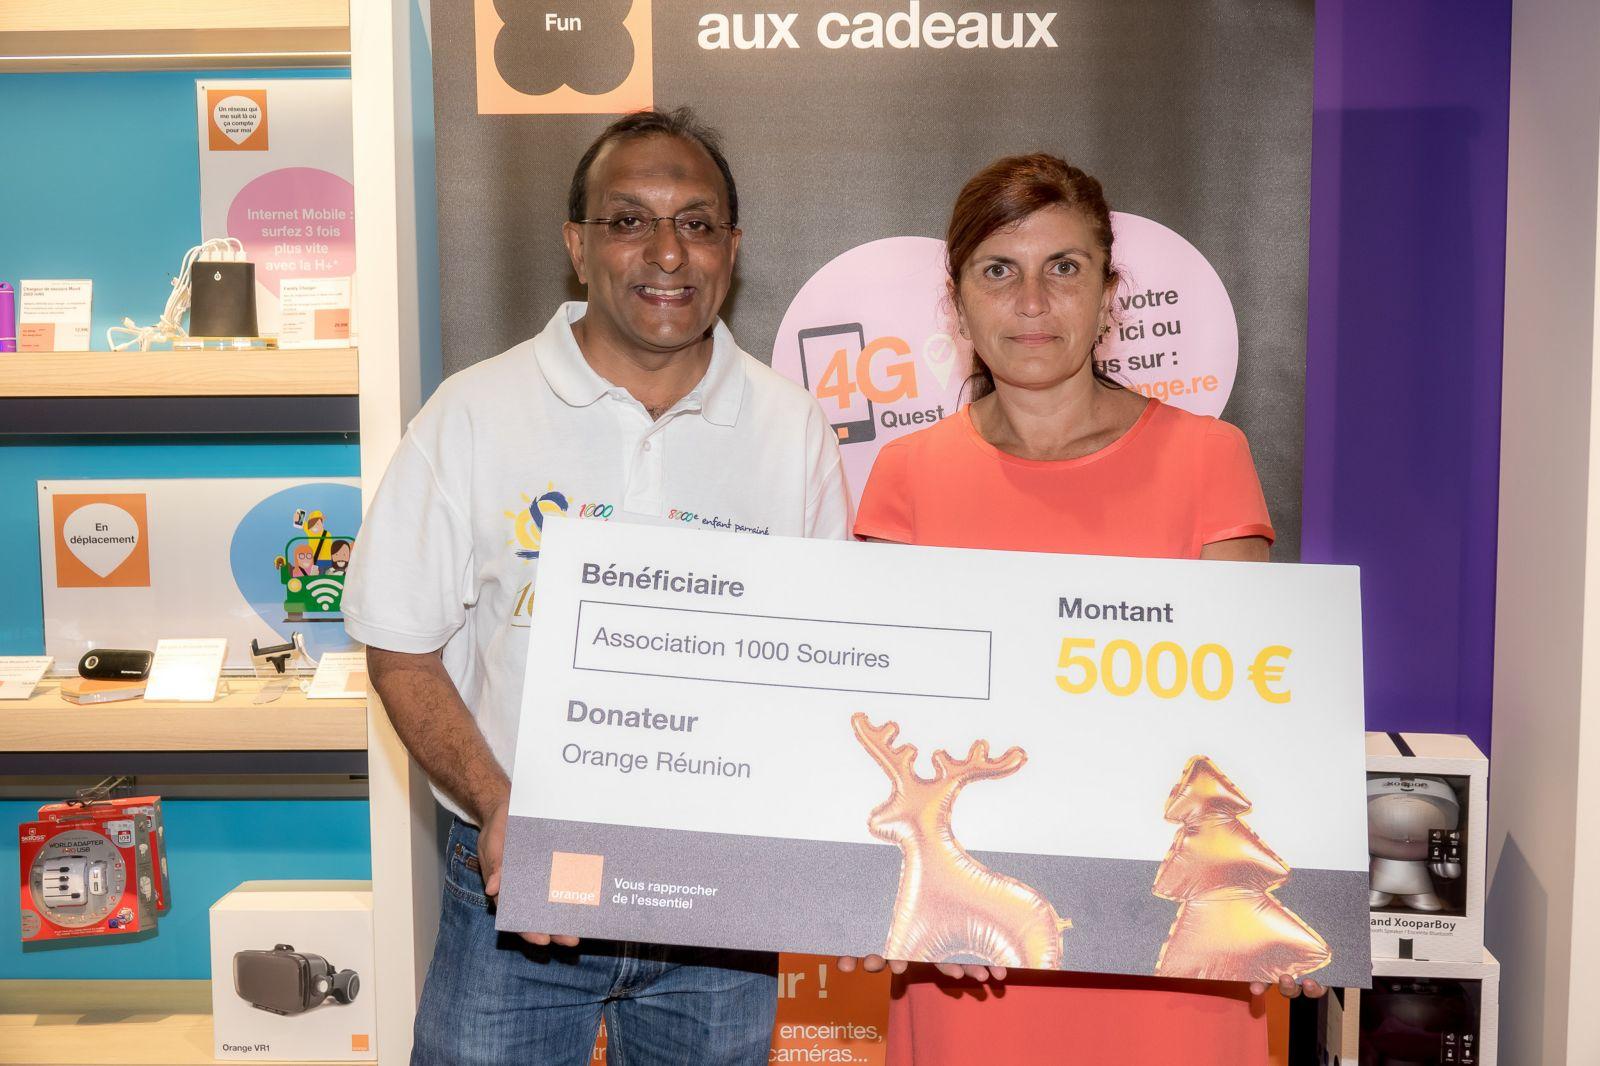 Sur la photo: Mireille HELOU, directrice Orange Réunion Mayotte et Ibrahim INGAR, Président de l'association 1000 Sourires